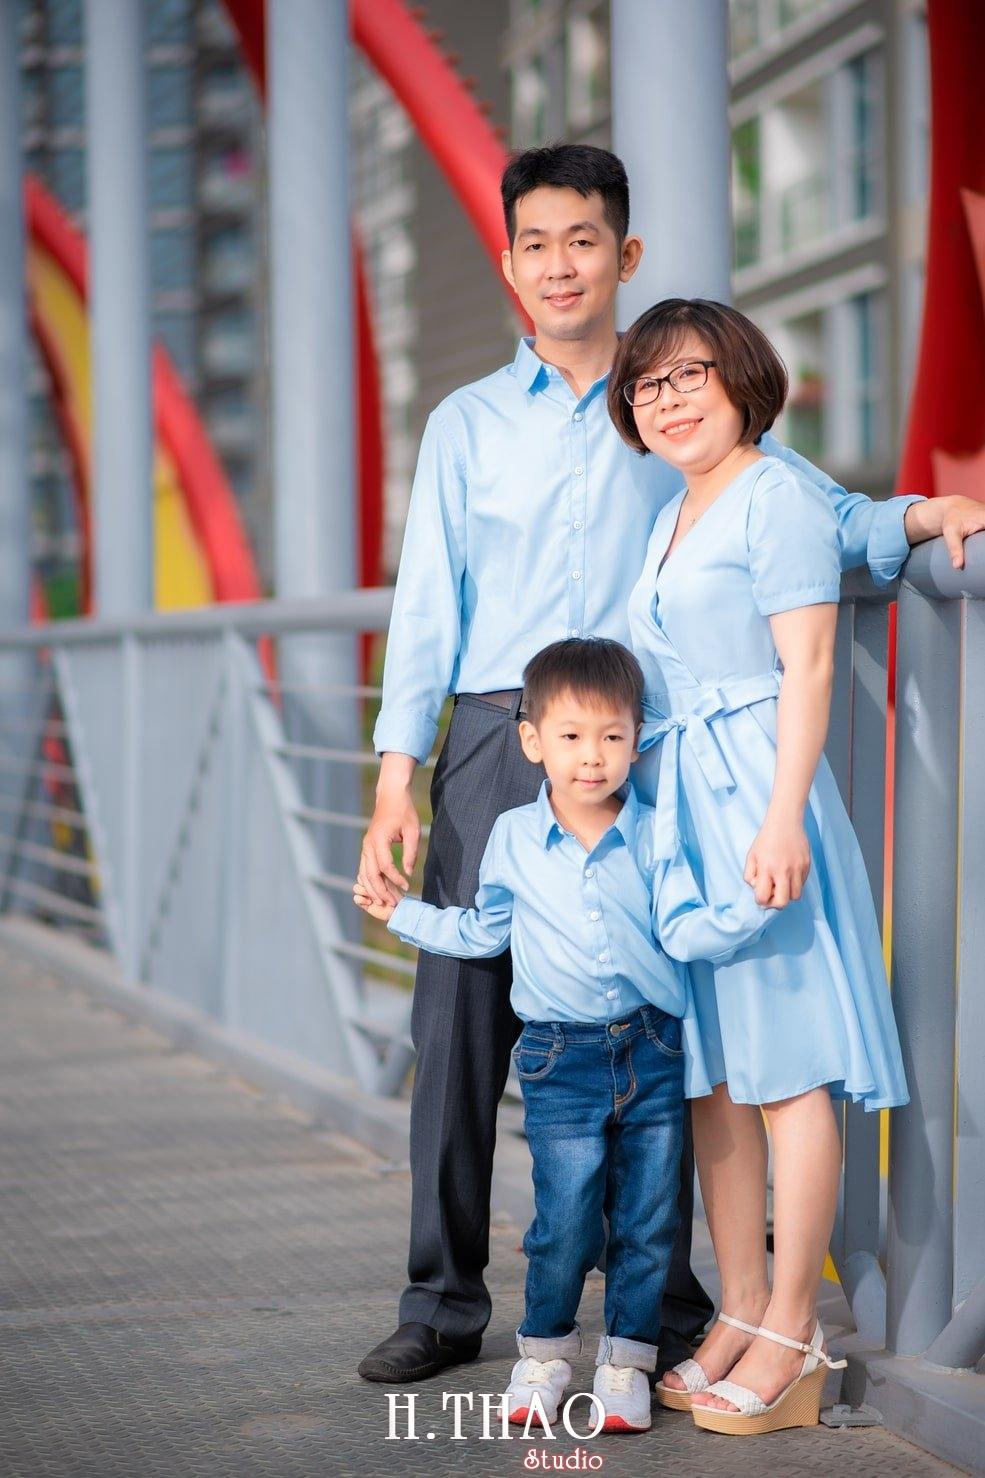 Anh gia dinh landmark 6 - Báo giá chụp hình gia đình